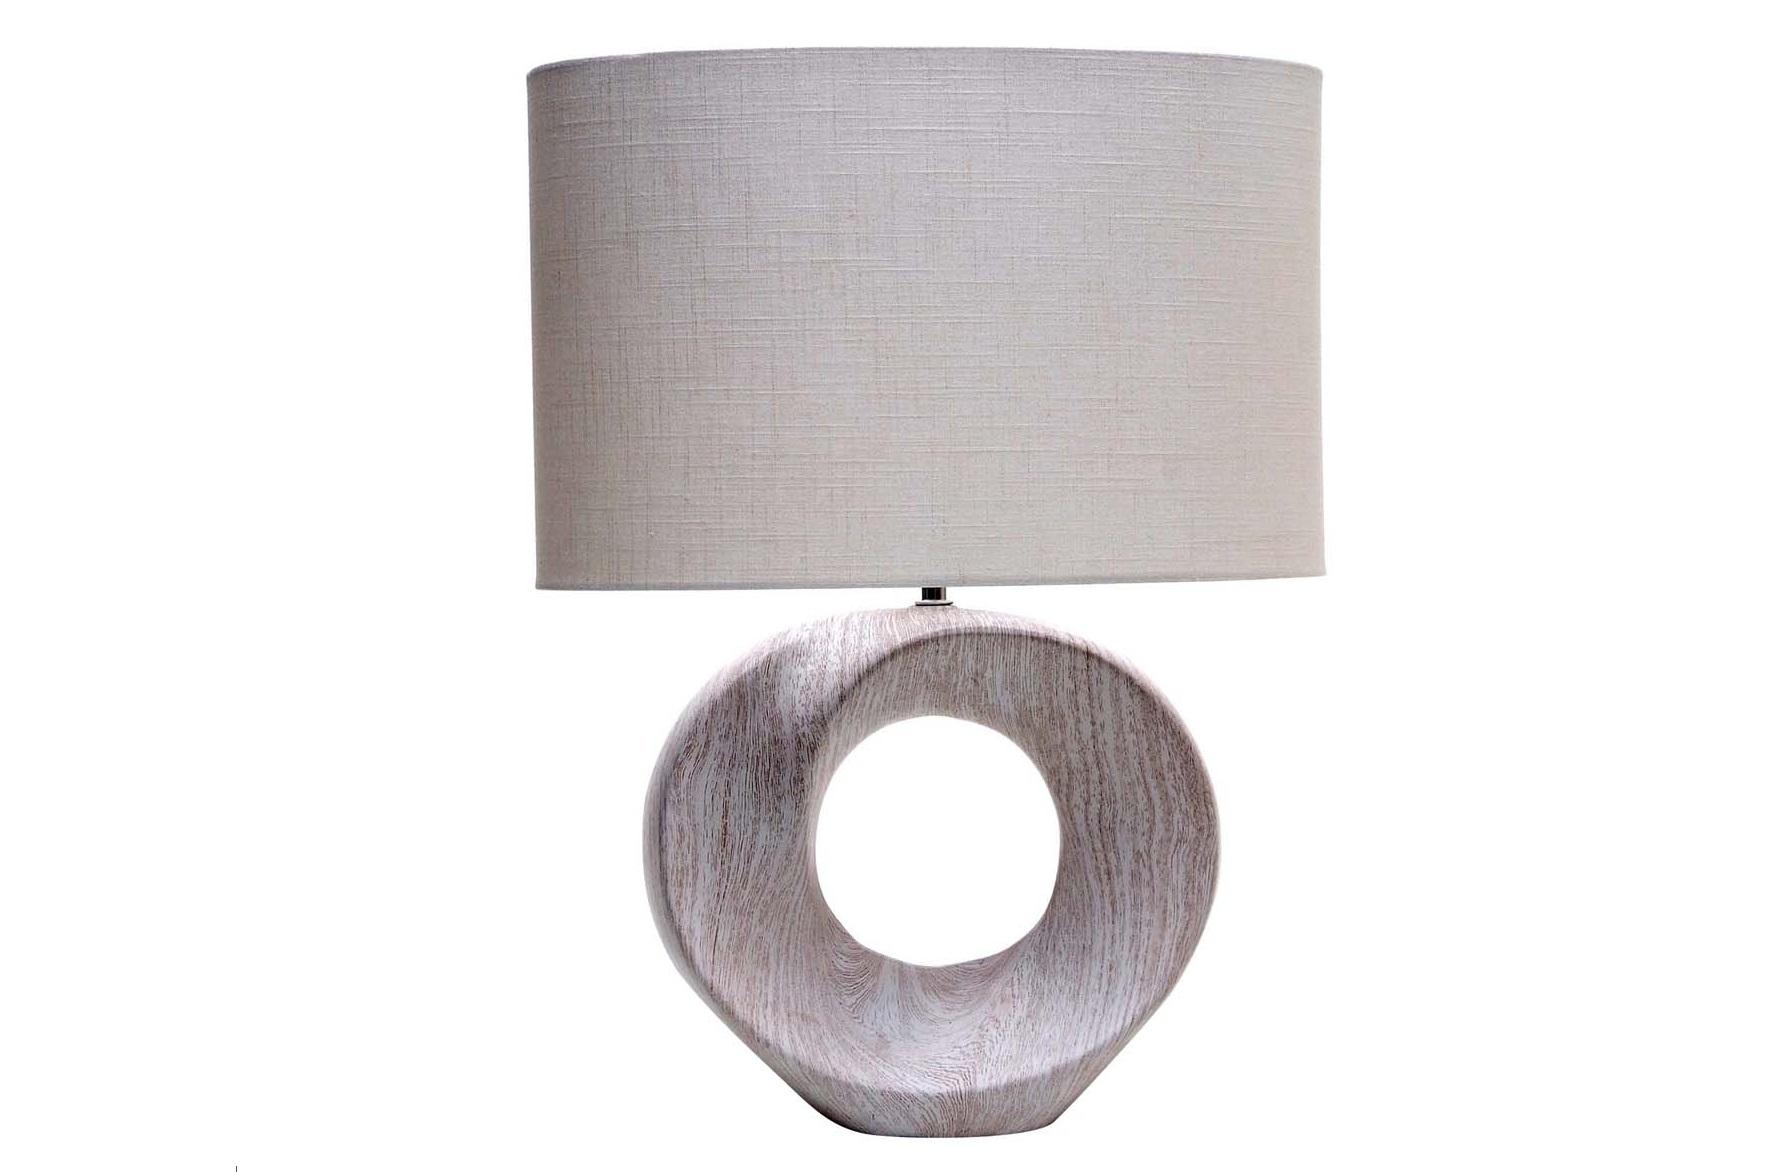 Настольная лампаДекоративные лампы<br>&amp;lt;div&amp;gt;Вид цоколя: E14&amp;lt;/div&amp;gt;&amp;lt;div&amp;gt;Мощность: 40W&amp;lt;/div&amp;gt;&amp;lt;div&amp;gt;Количество ламп: 1&amp;lt;/div&amp;gt;<br><br>Material: Керамика<br>Height см: 51<br>Diameter см: 50